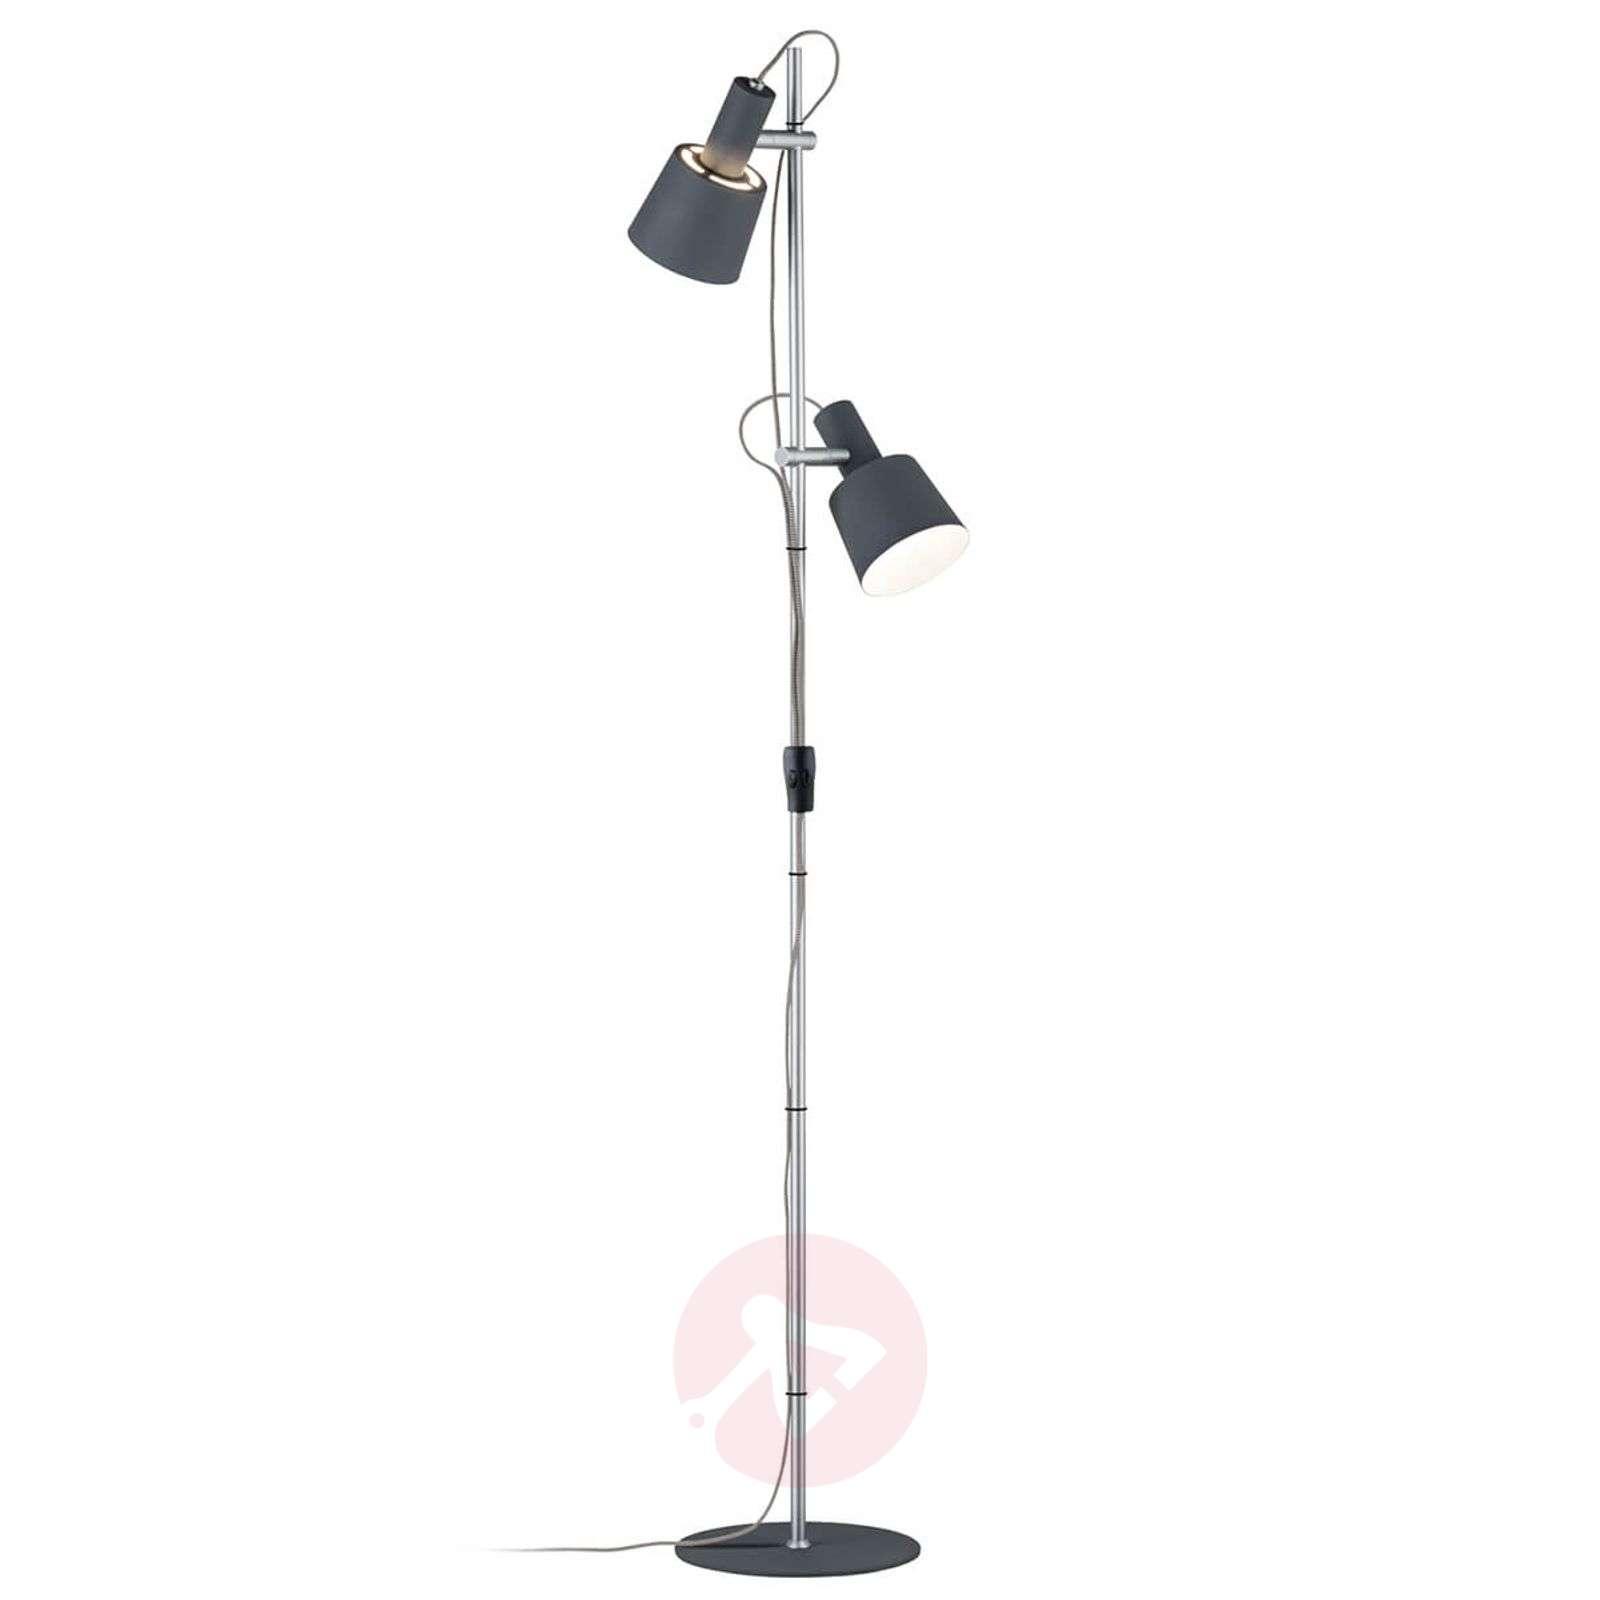 2-lamppu-lattiavalaisin Haldar, väriyhdistelmänä-7601069-01